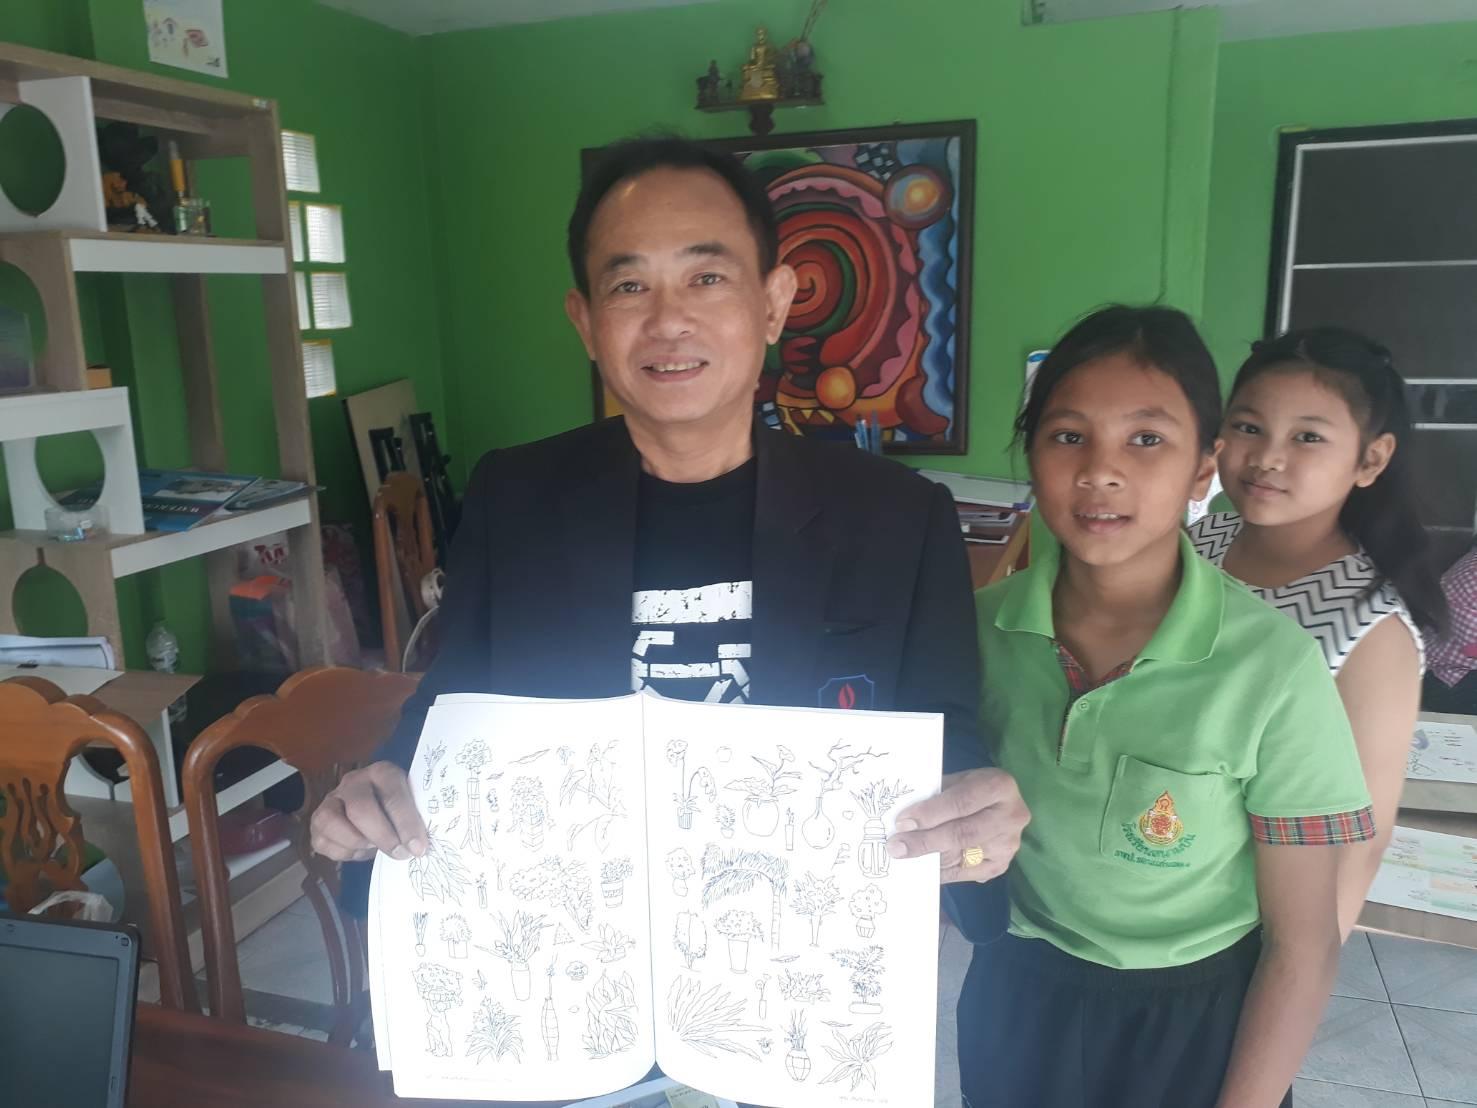 เปิดบ้านสอนศิลปะ แก้เด็กสมาธิสั้น!